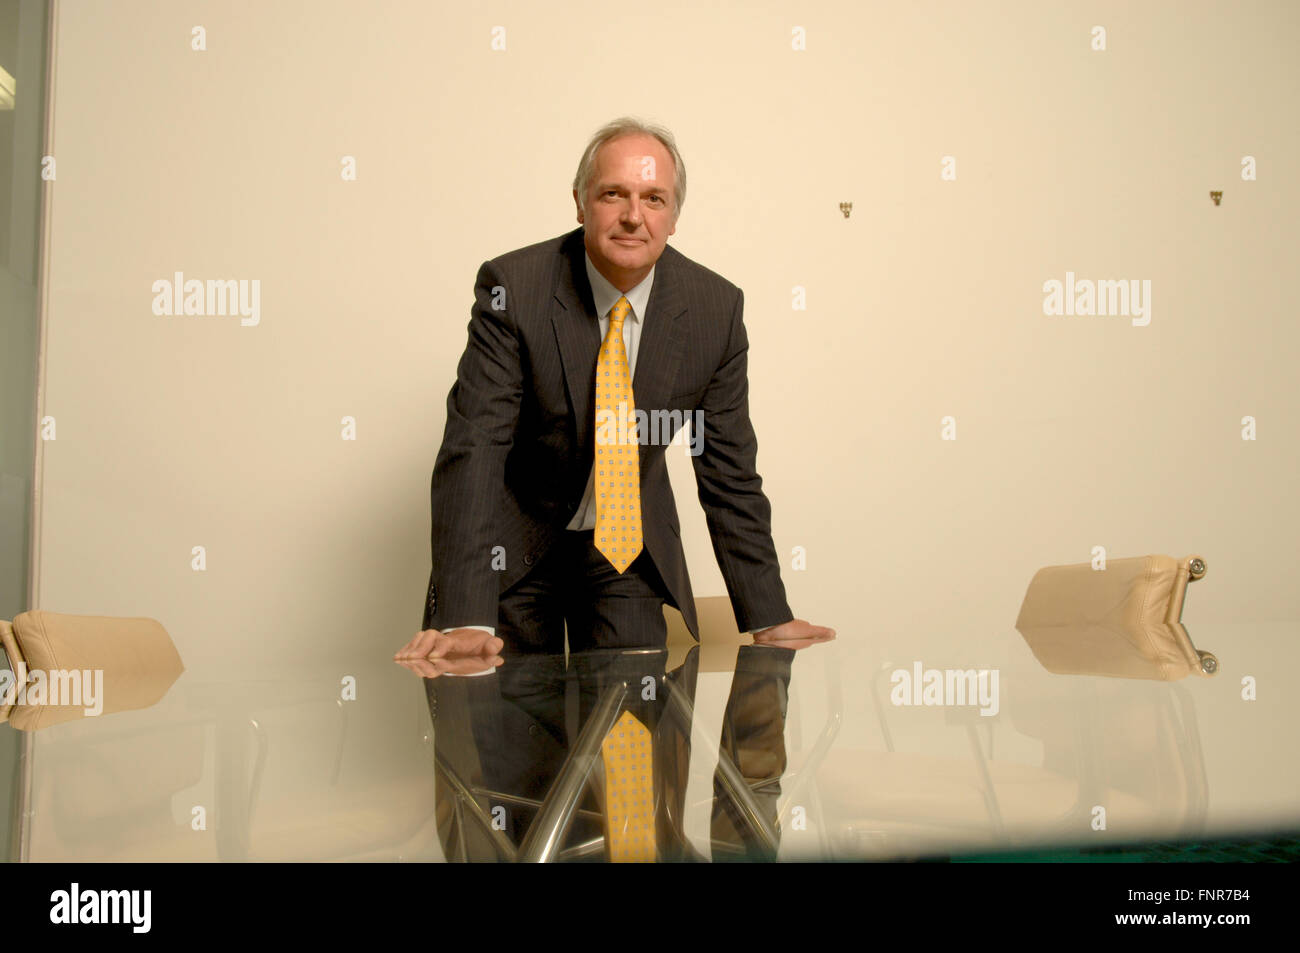 Paulus Gerardus Josephus Maria Polman CEO of Unilever - Stock Image